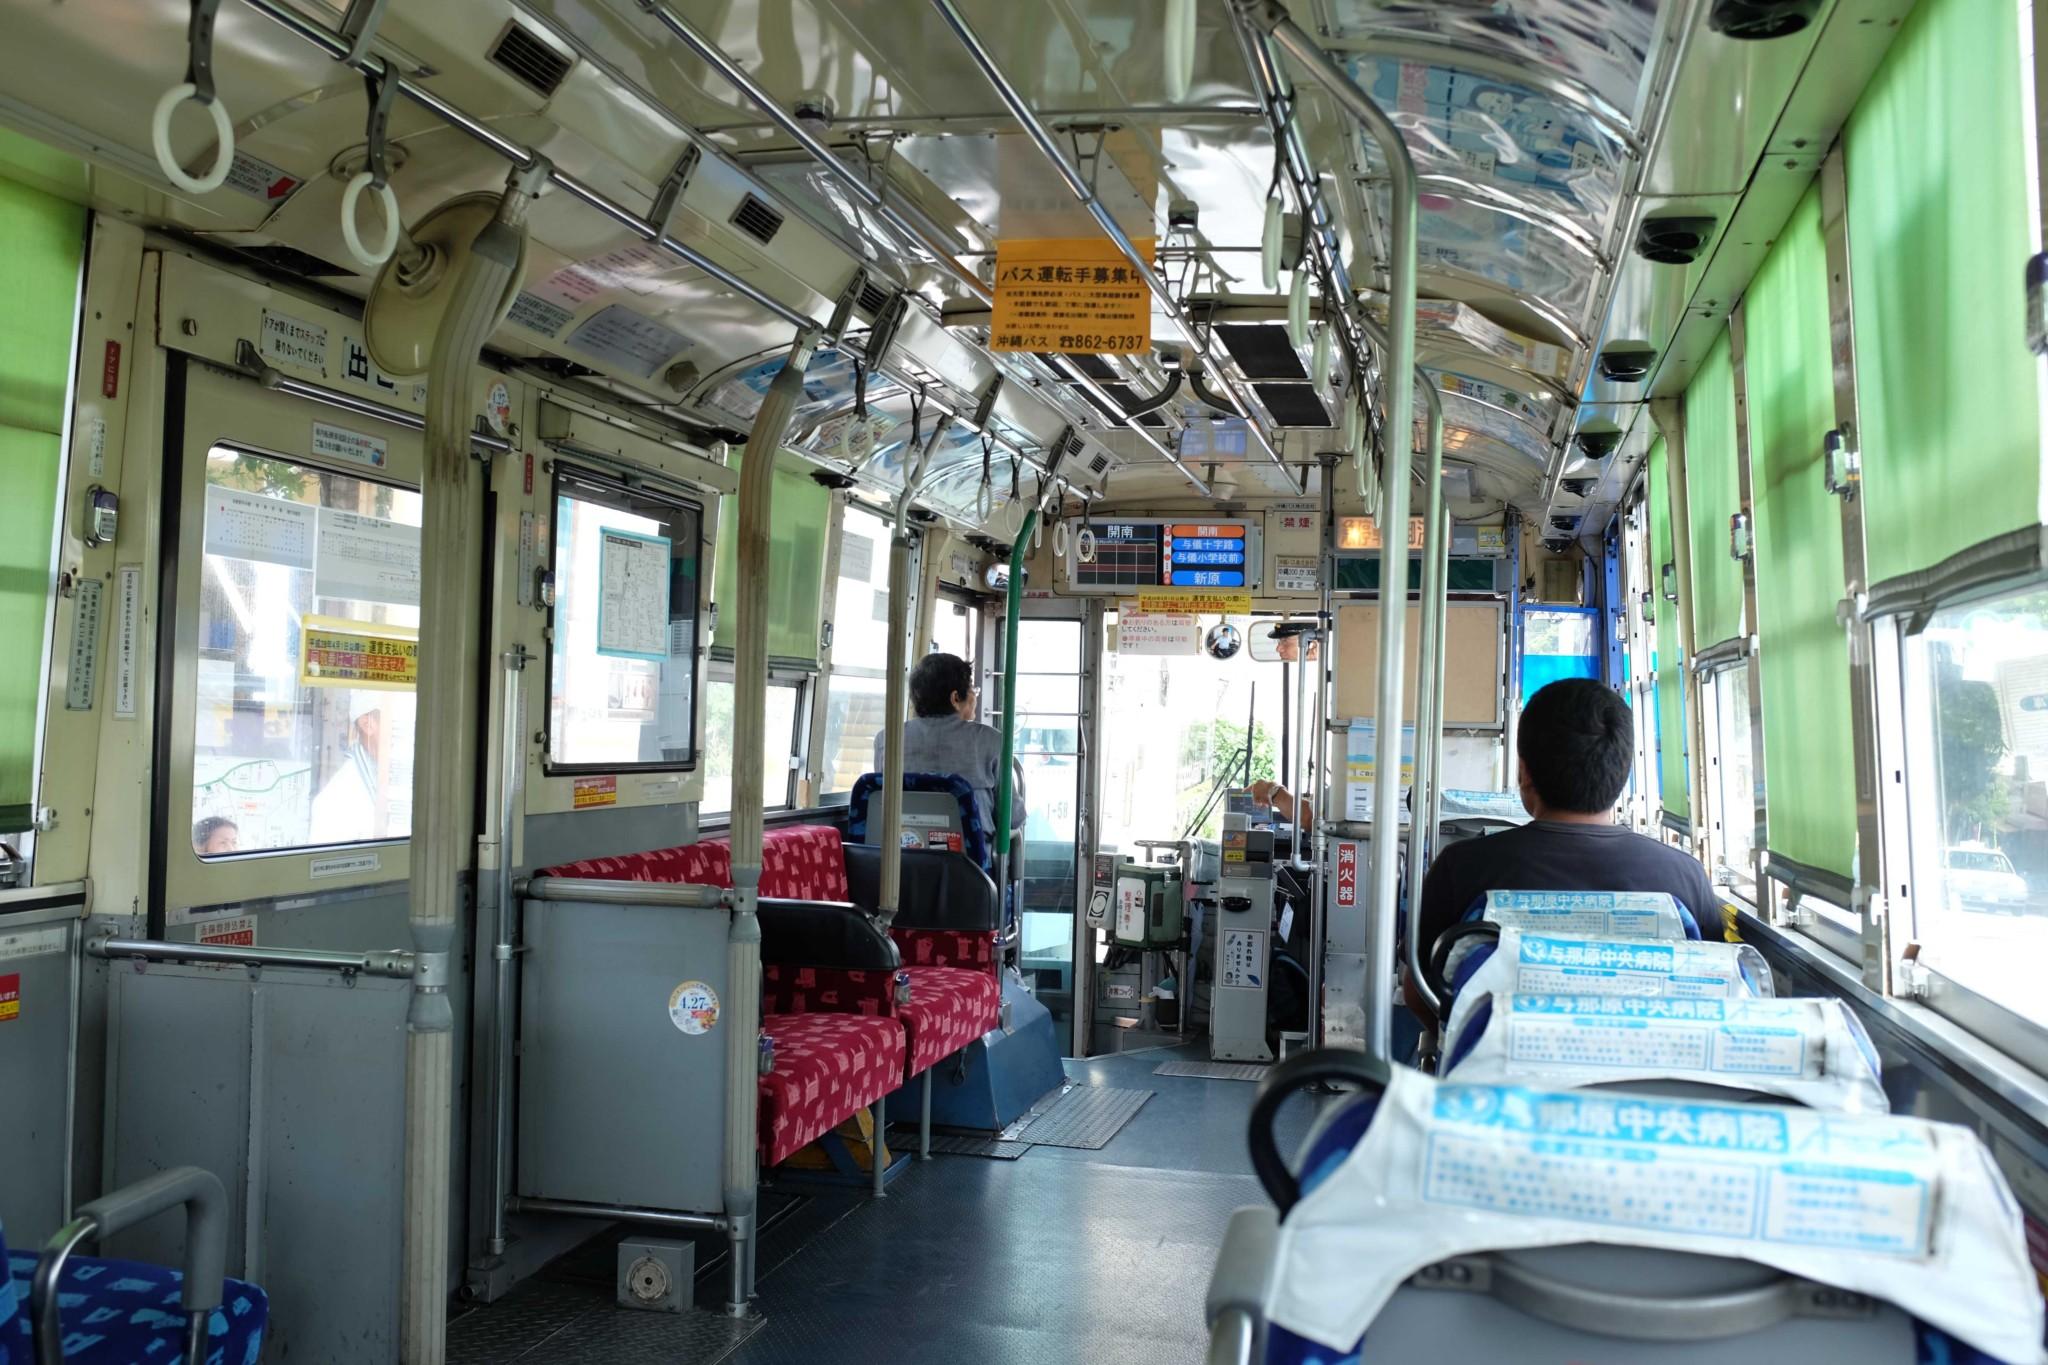 路線バスでのんびり移動もまた一興。